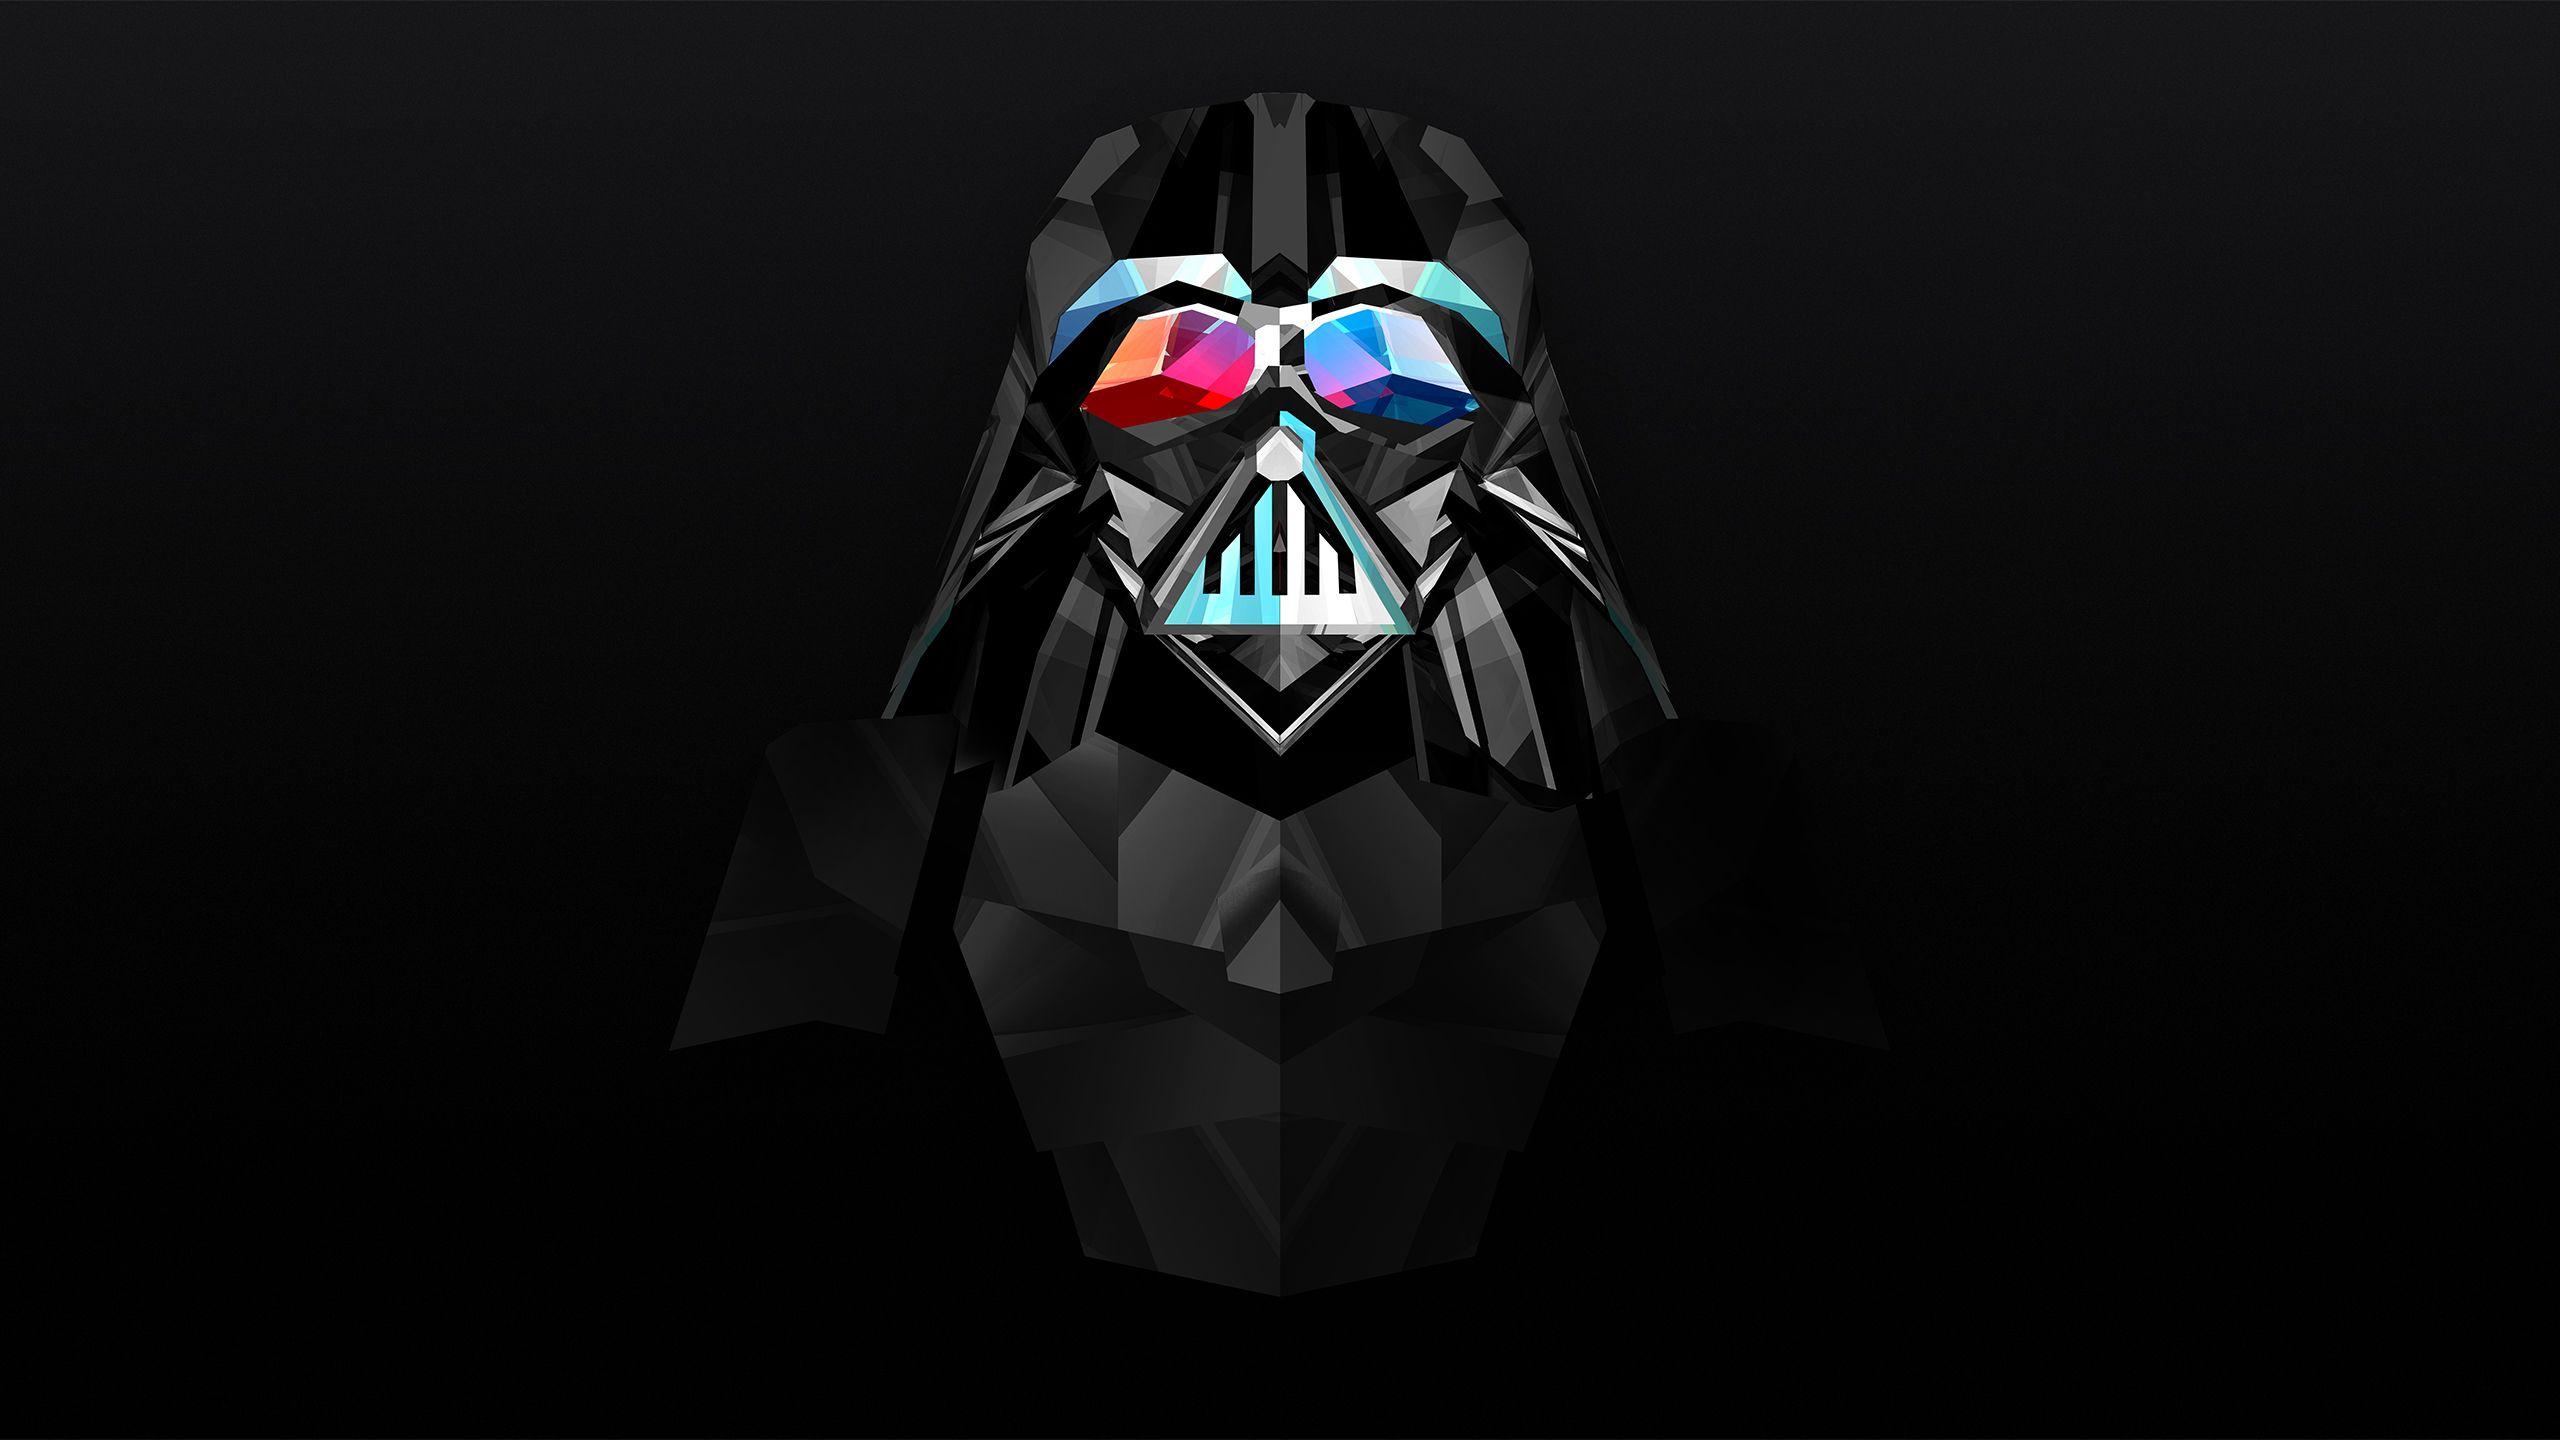 Justin M Maller Wallpaper Helmetica Justin Maller Stunning Wallpapers Darth Vader Wallpaper